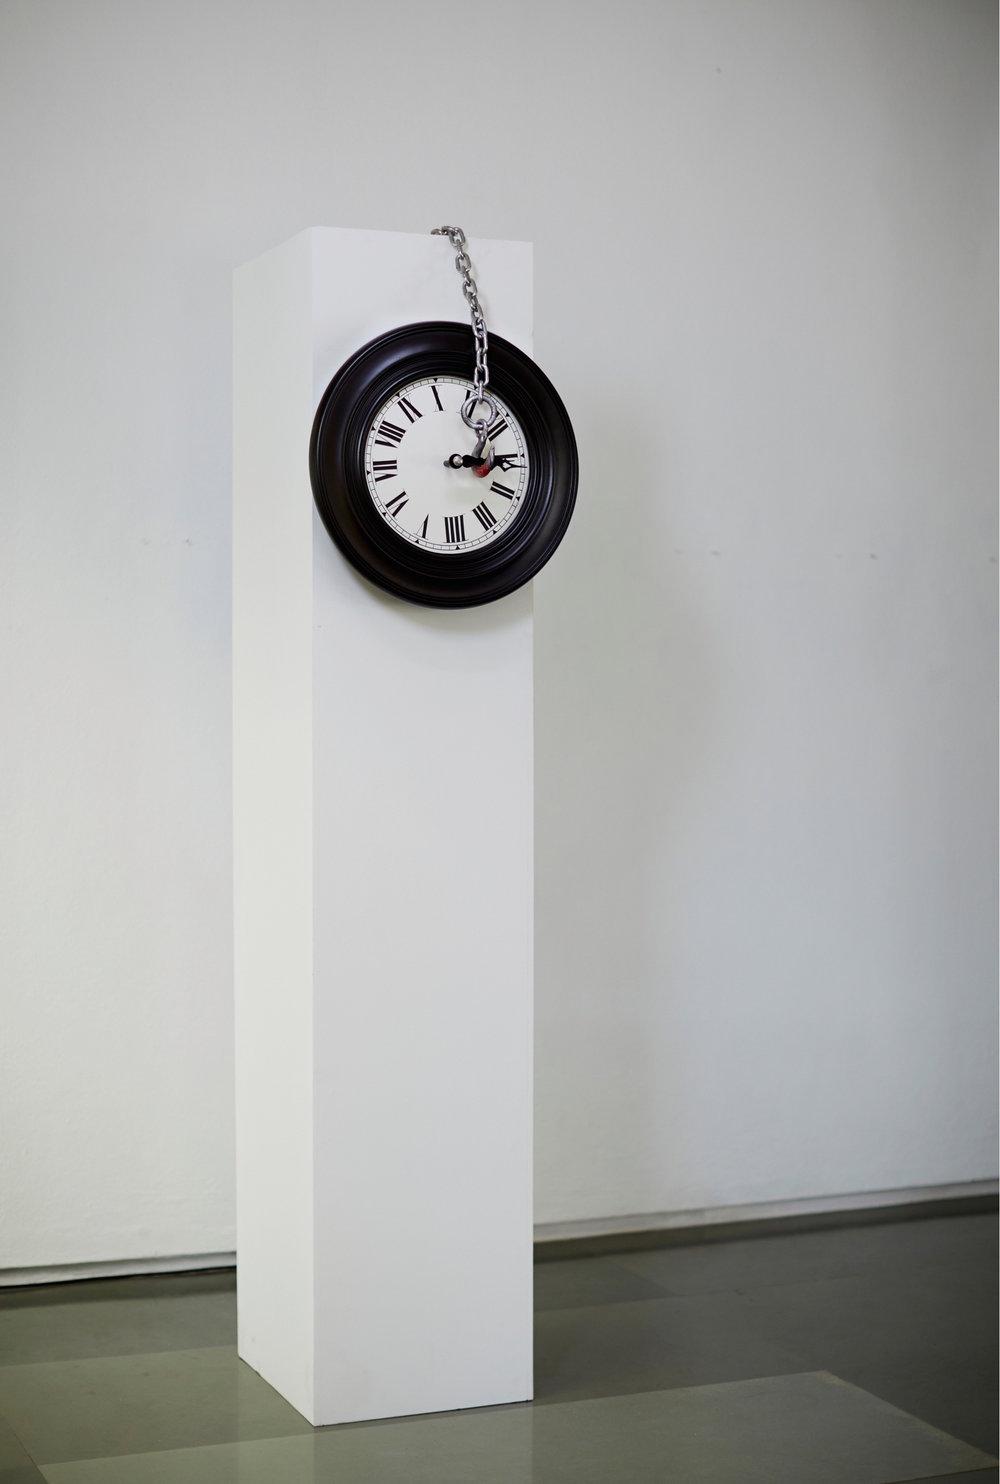 id-od-5-(clock)1.jpg